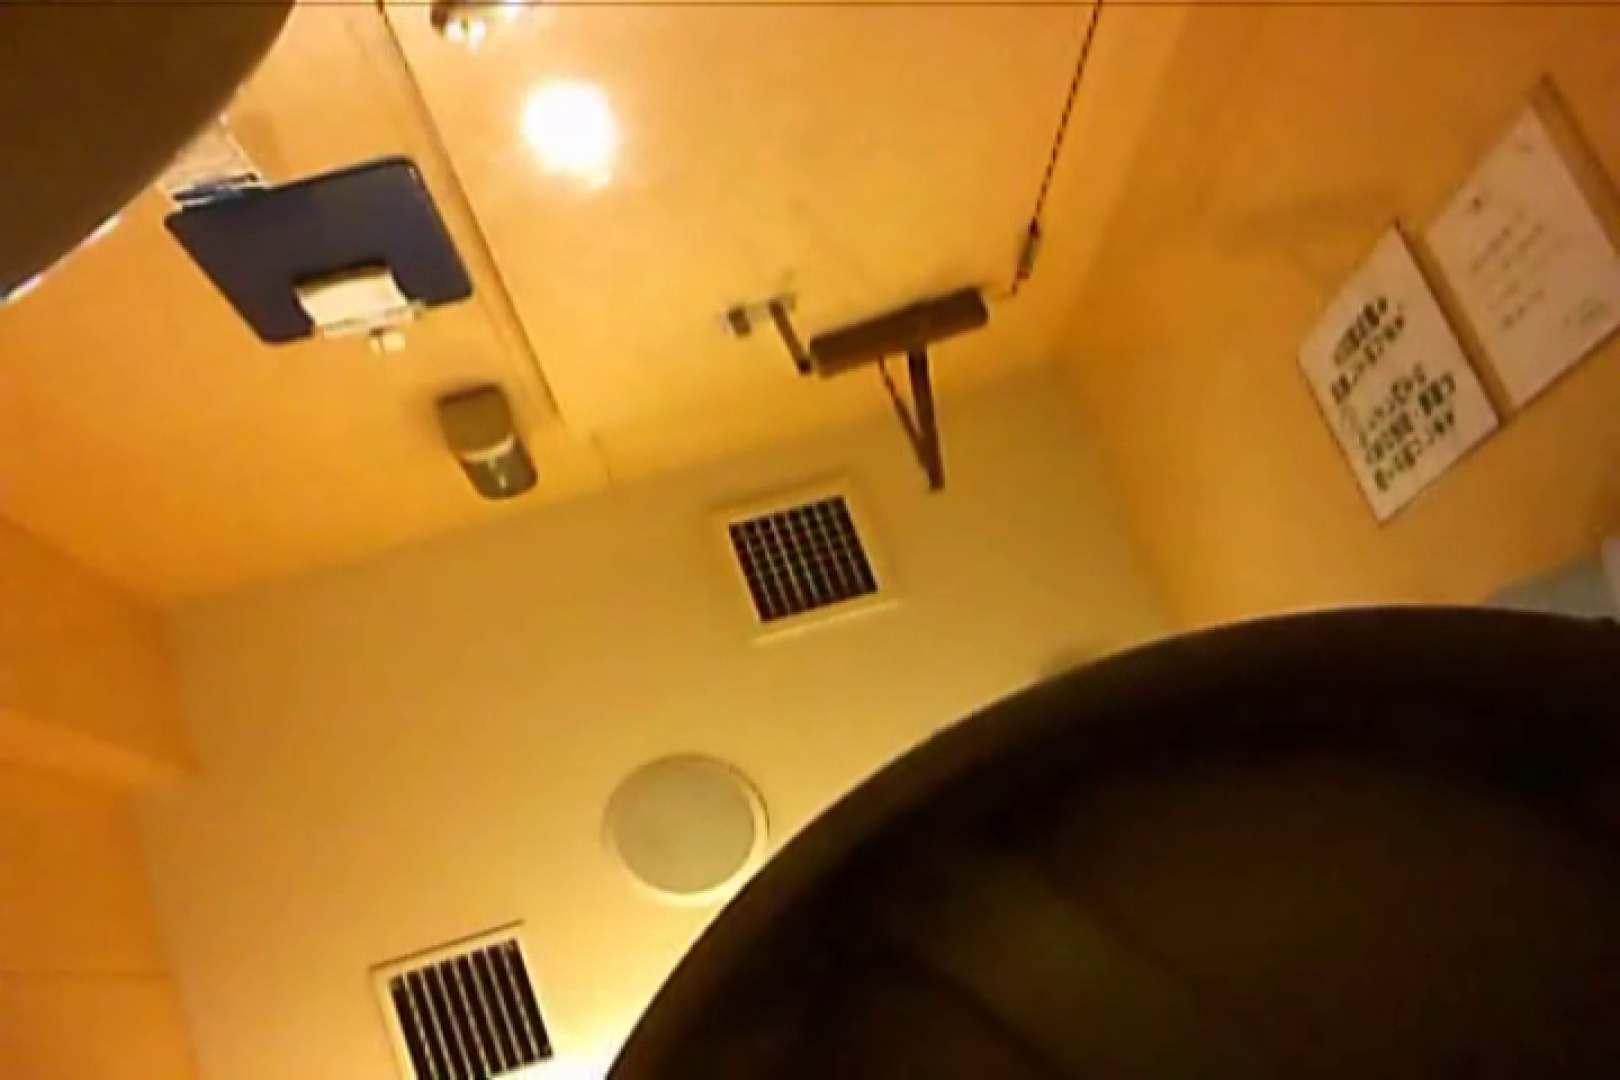 SEASON 2ND!掴み取りさんの洗面所覗き!in新幹線!VOL.04 完全無修正でお届け   ノンケボーイズ  64pic 38